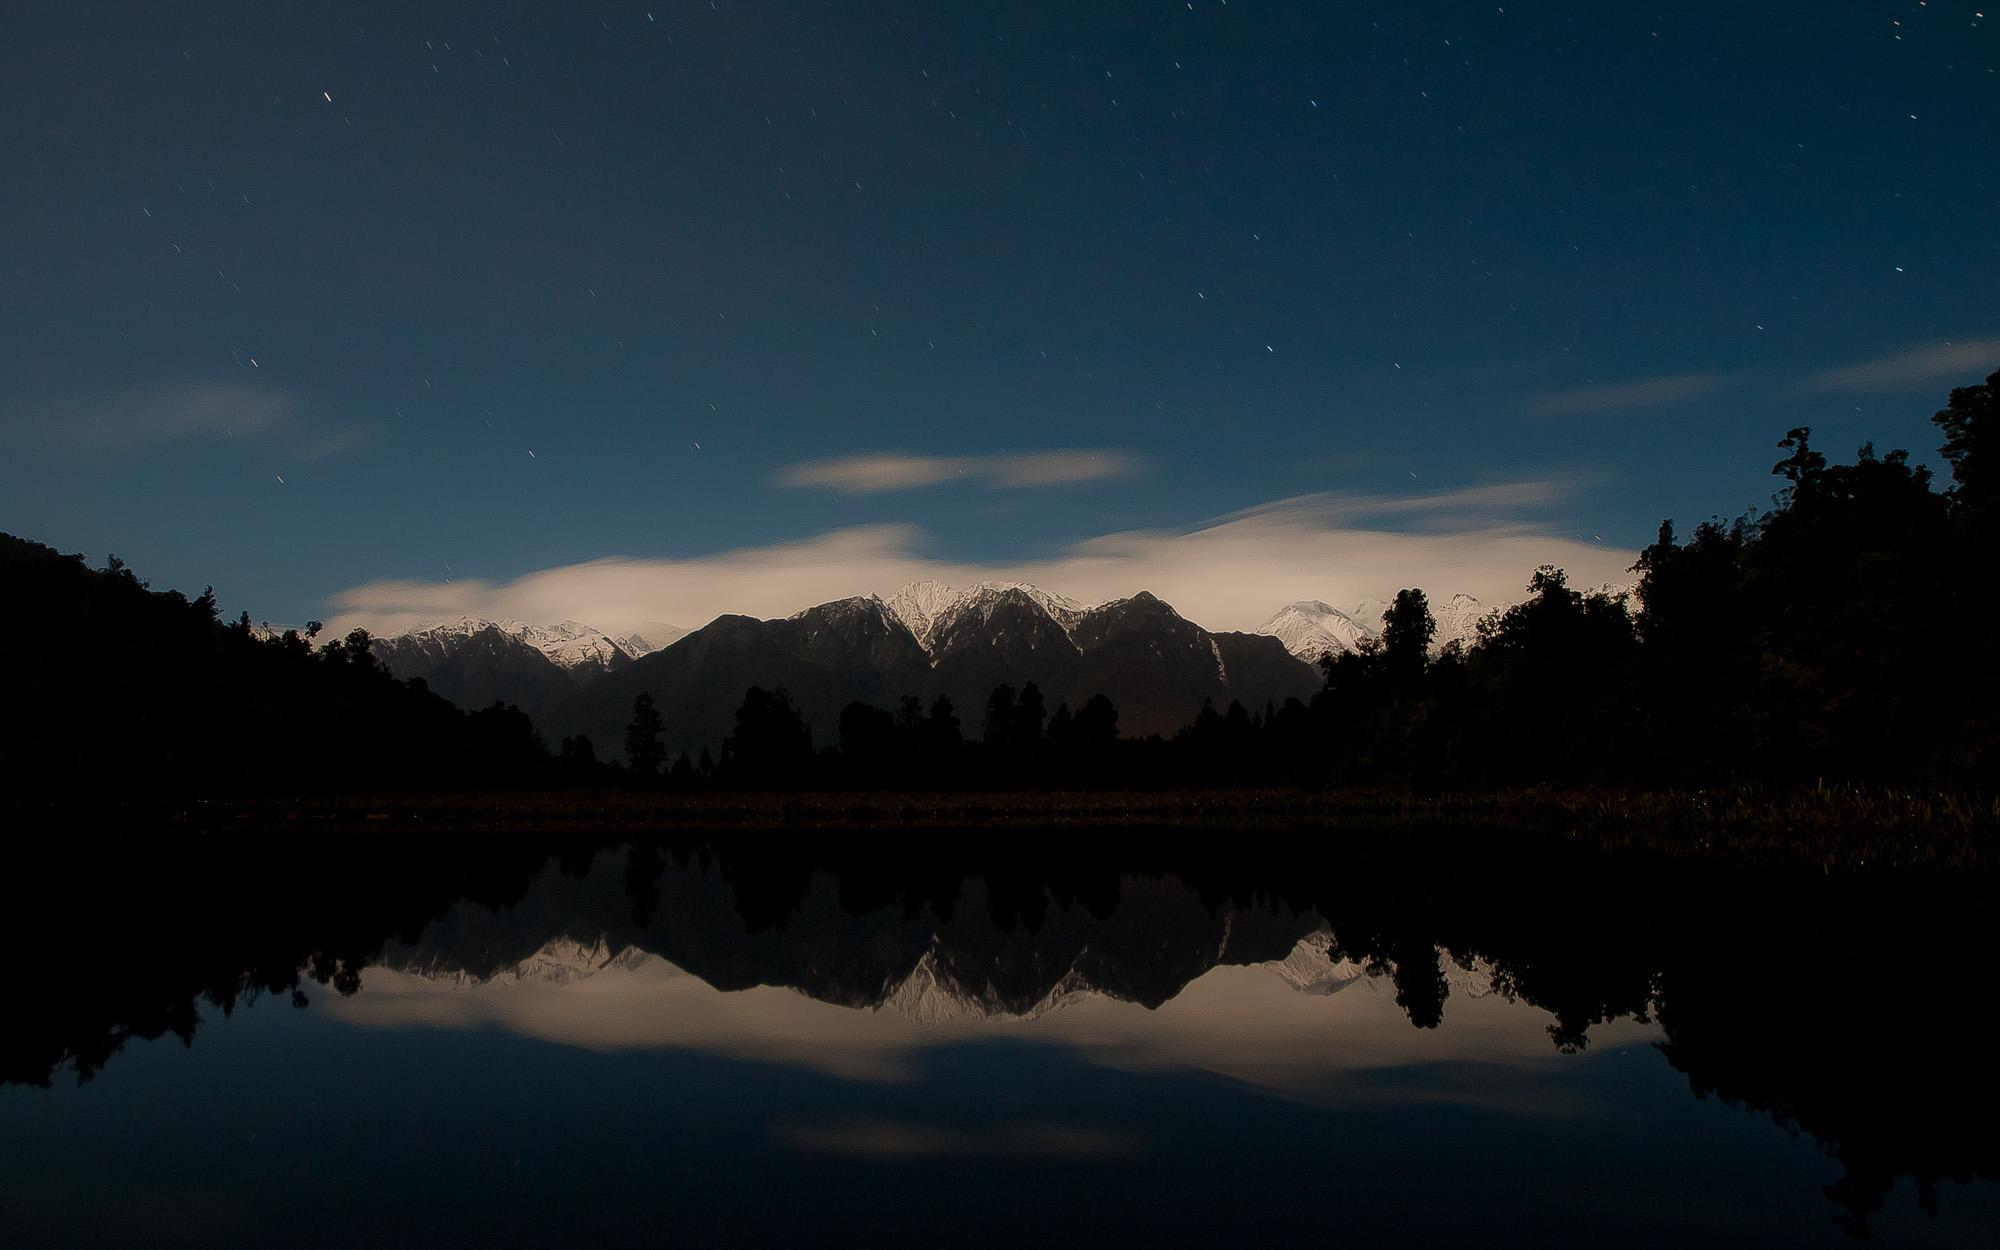 400 800 Hd Wallpaper File Lake Matheson New Zealand At Night Jpg Wikimedia